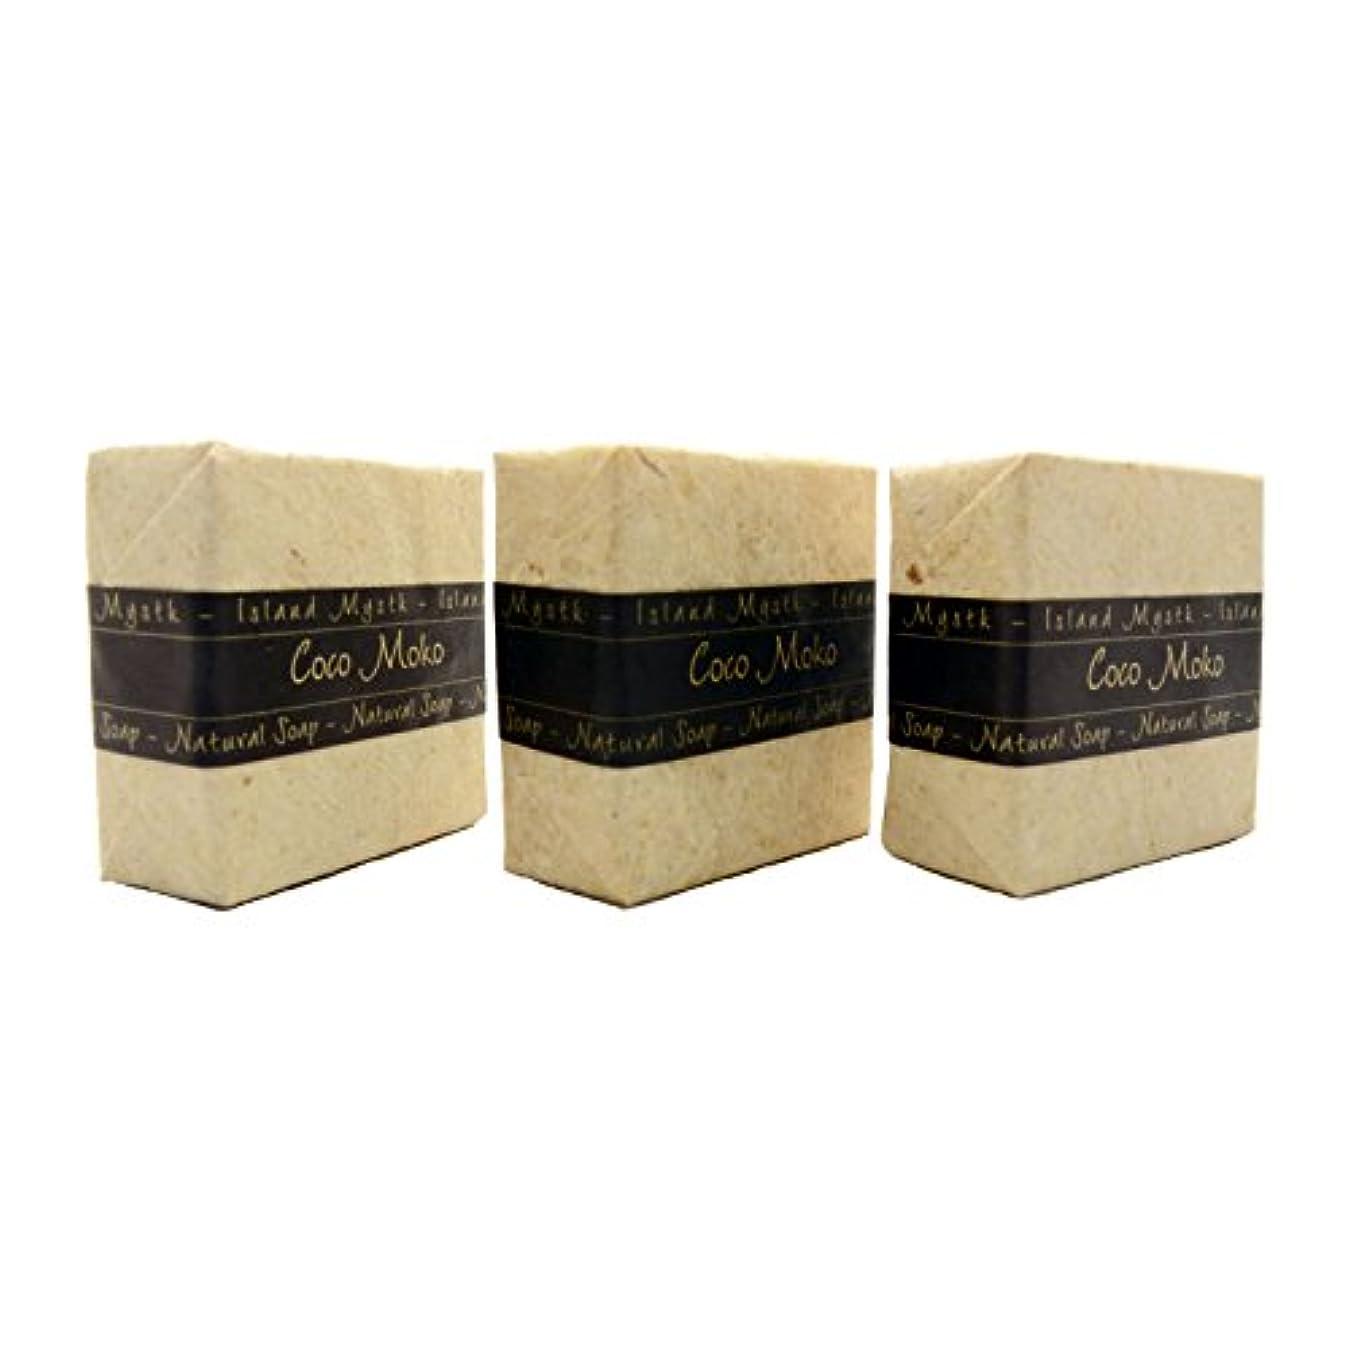 信念半径肥料アイランドミスティック ココモコ 3個セット 115g×3 ココナッツ石鹸 バリ島 Island Mystk 天然素材100% 無添加 オーガニック